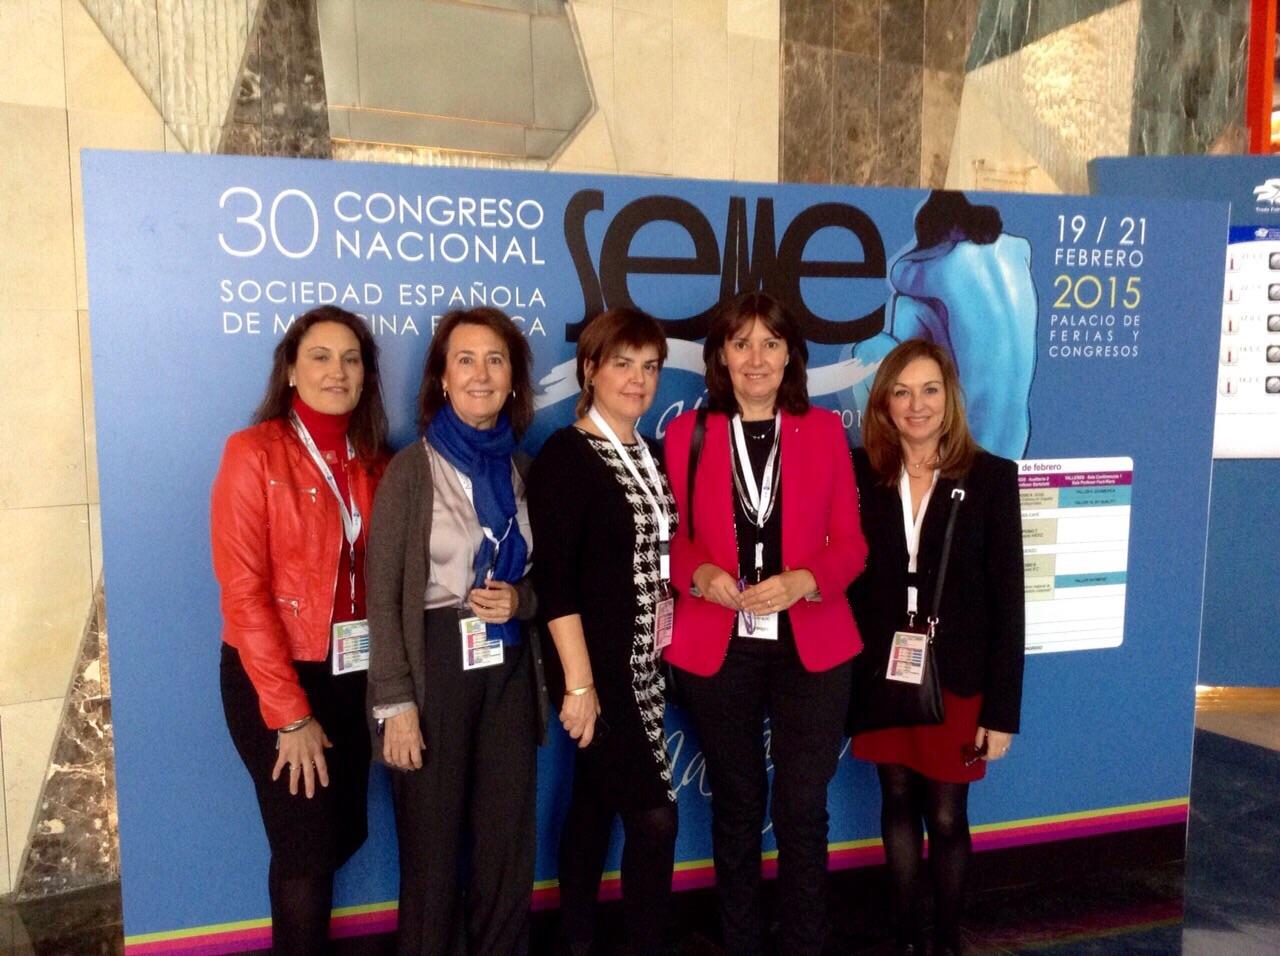 En el 30 Congreso de la SEME con las Dras Serrano, Govantes, Campoy y Escoda - Málaga Febrero 2015